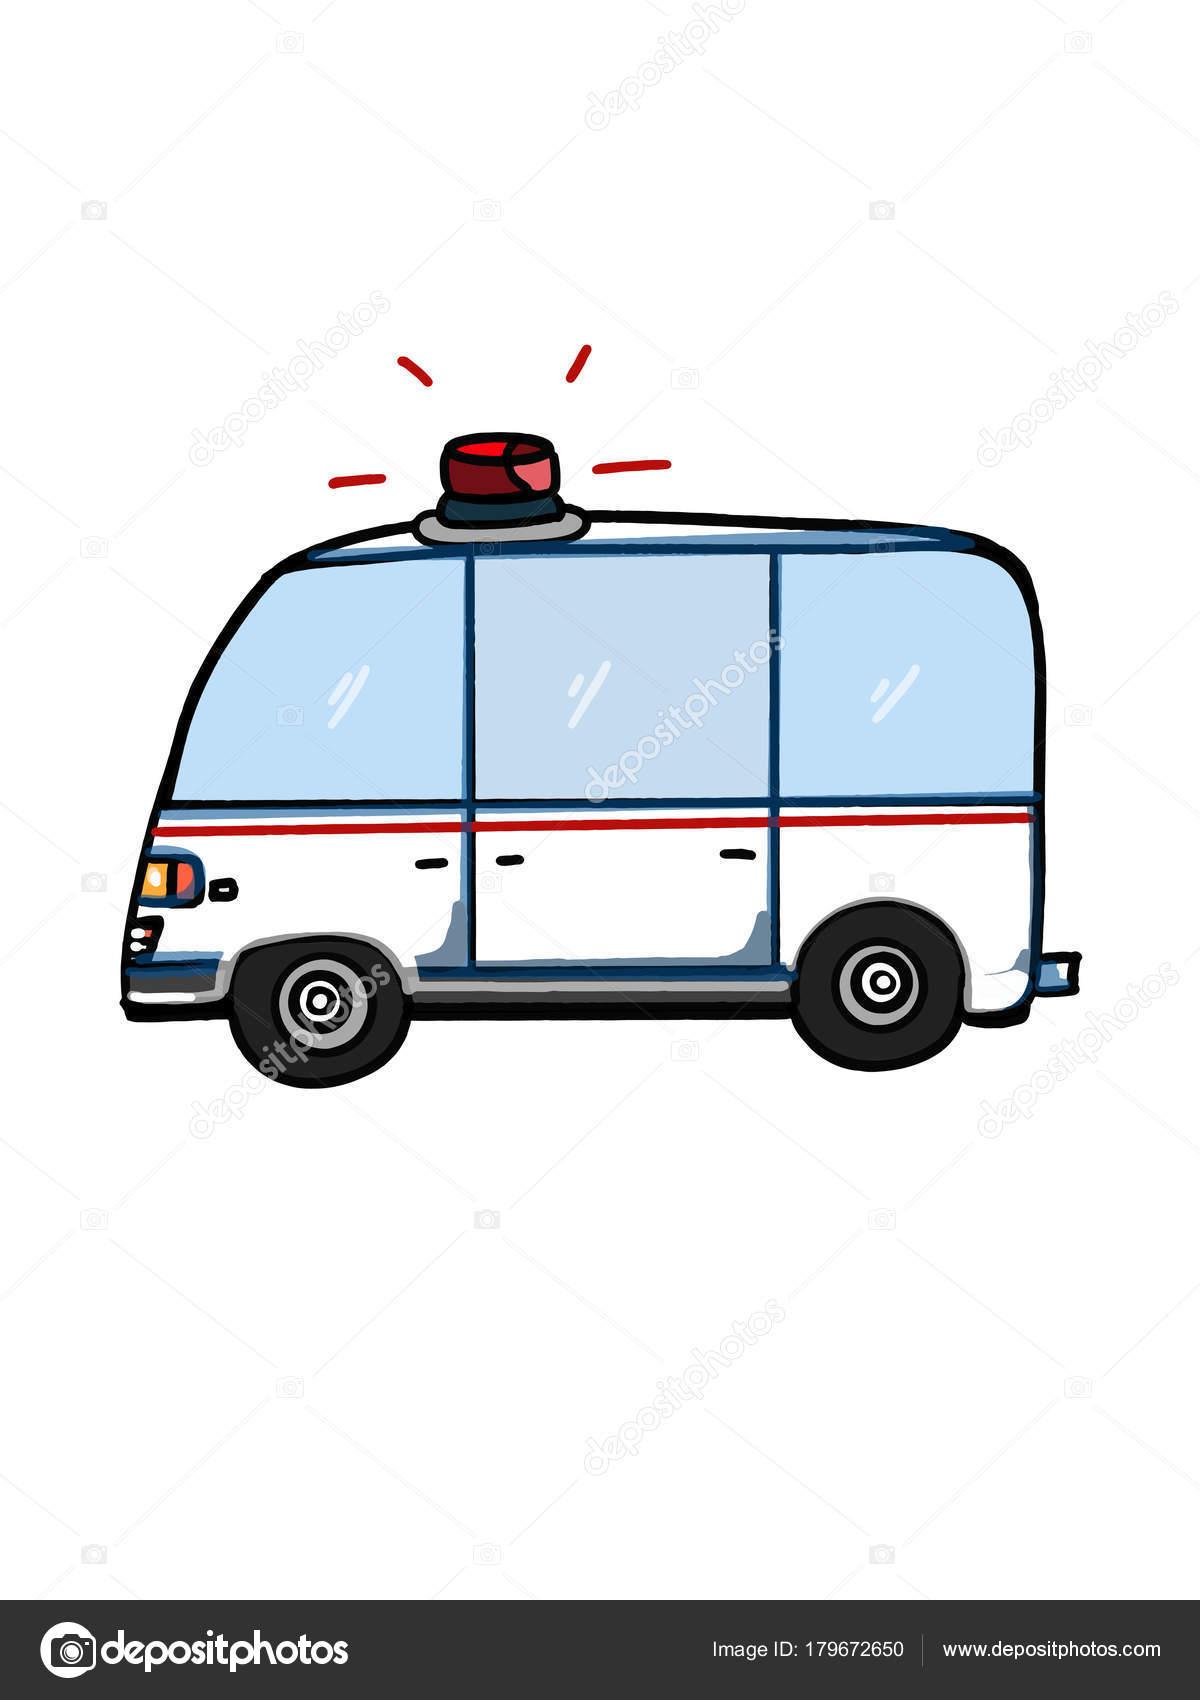 Dibujo Para Colorear Historieta Ilustración Del Vehículo Ambulancia ...